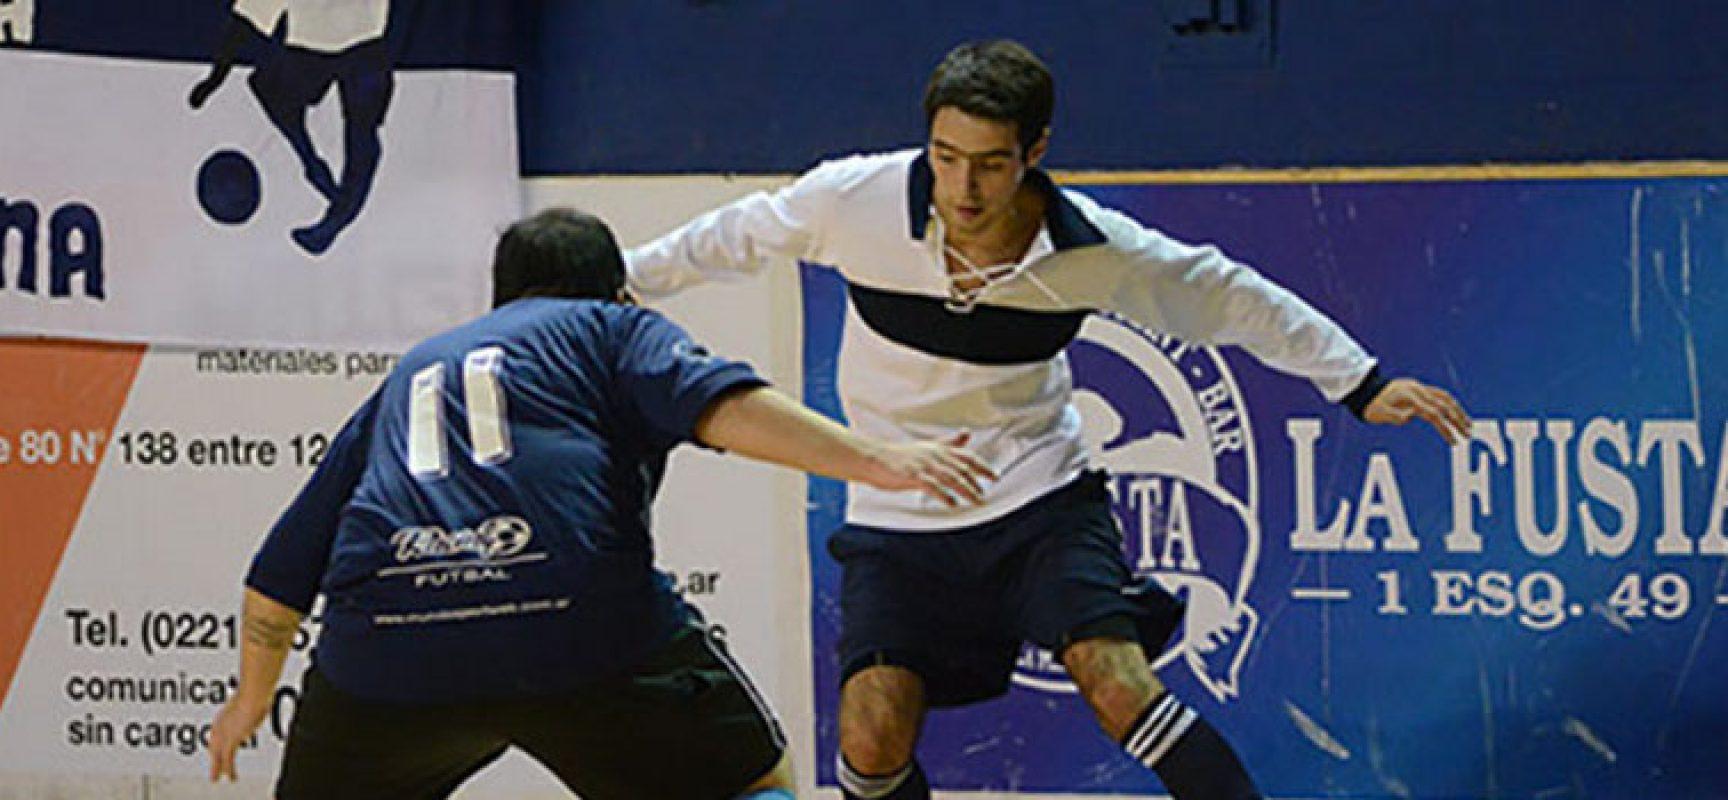 Futsal Bisceglie, un altro argentino per Capursi: ufficiale Cafure